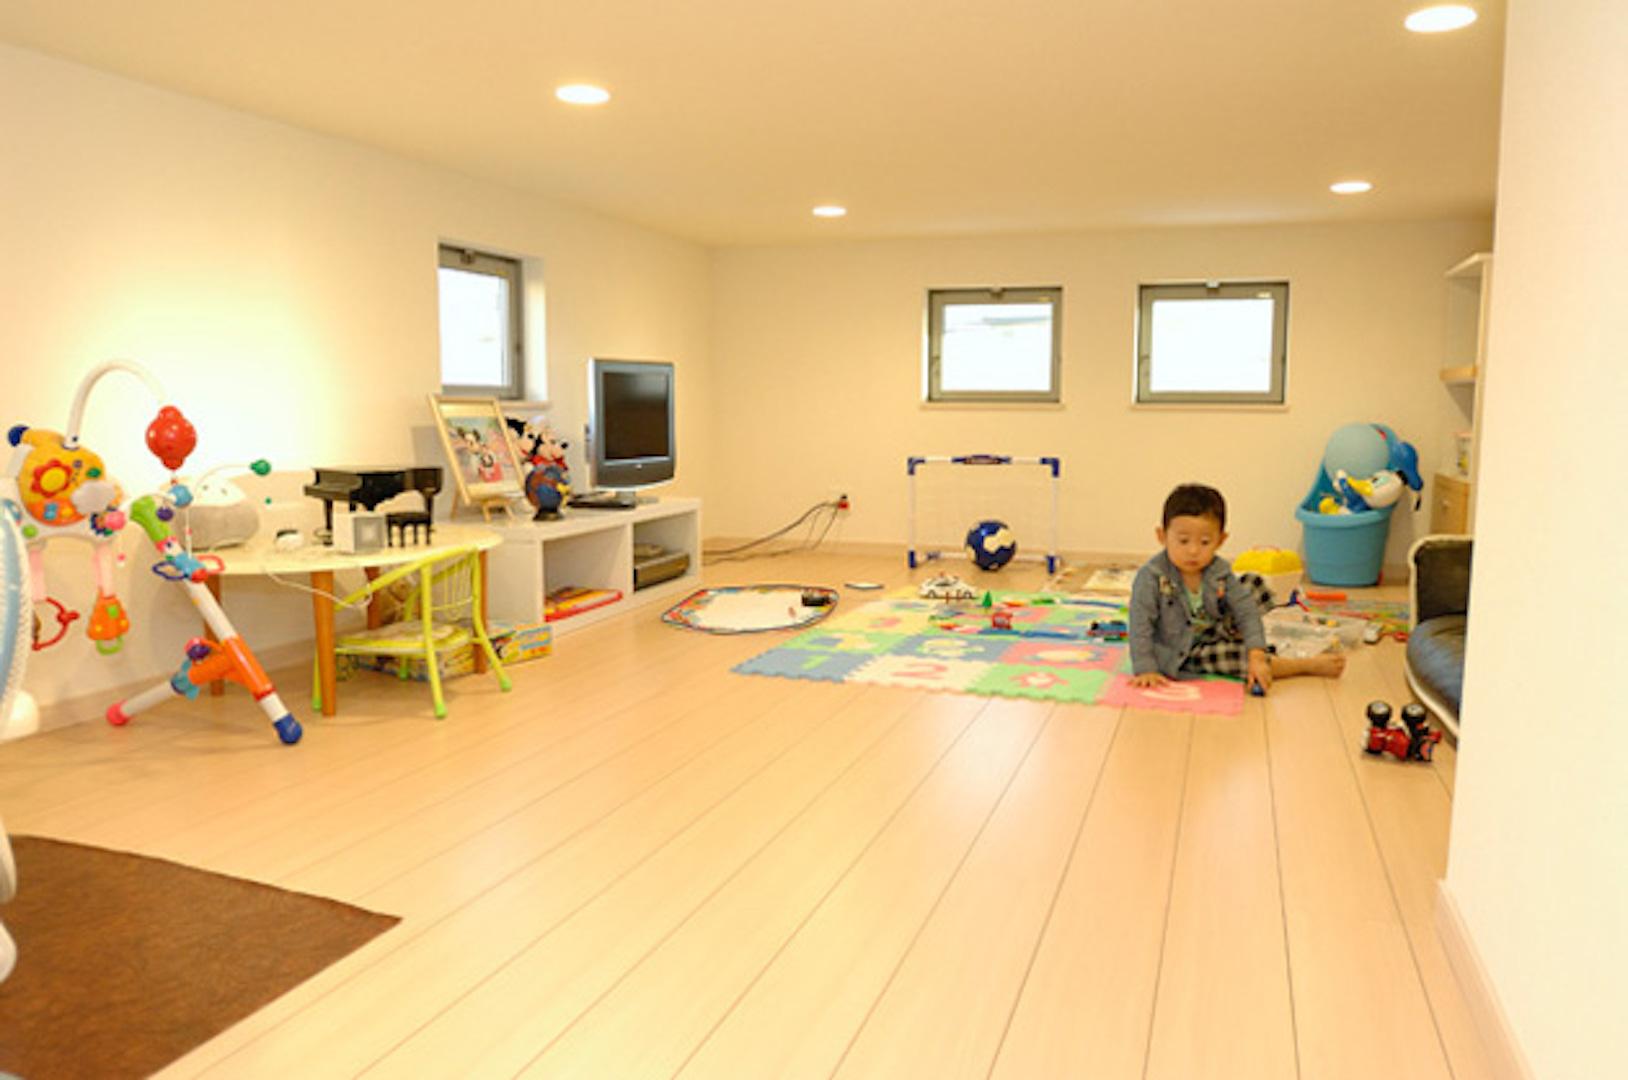 施工事例のご紹介【天井の高いリビングと便利な収納スペースのある家】(名古屋市S様邸)